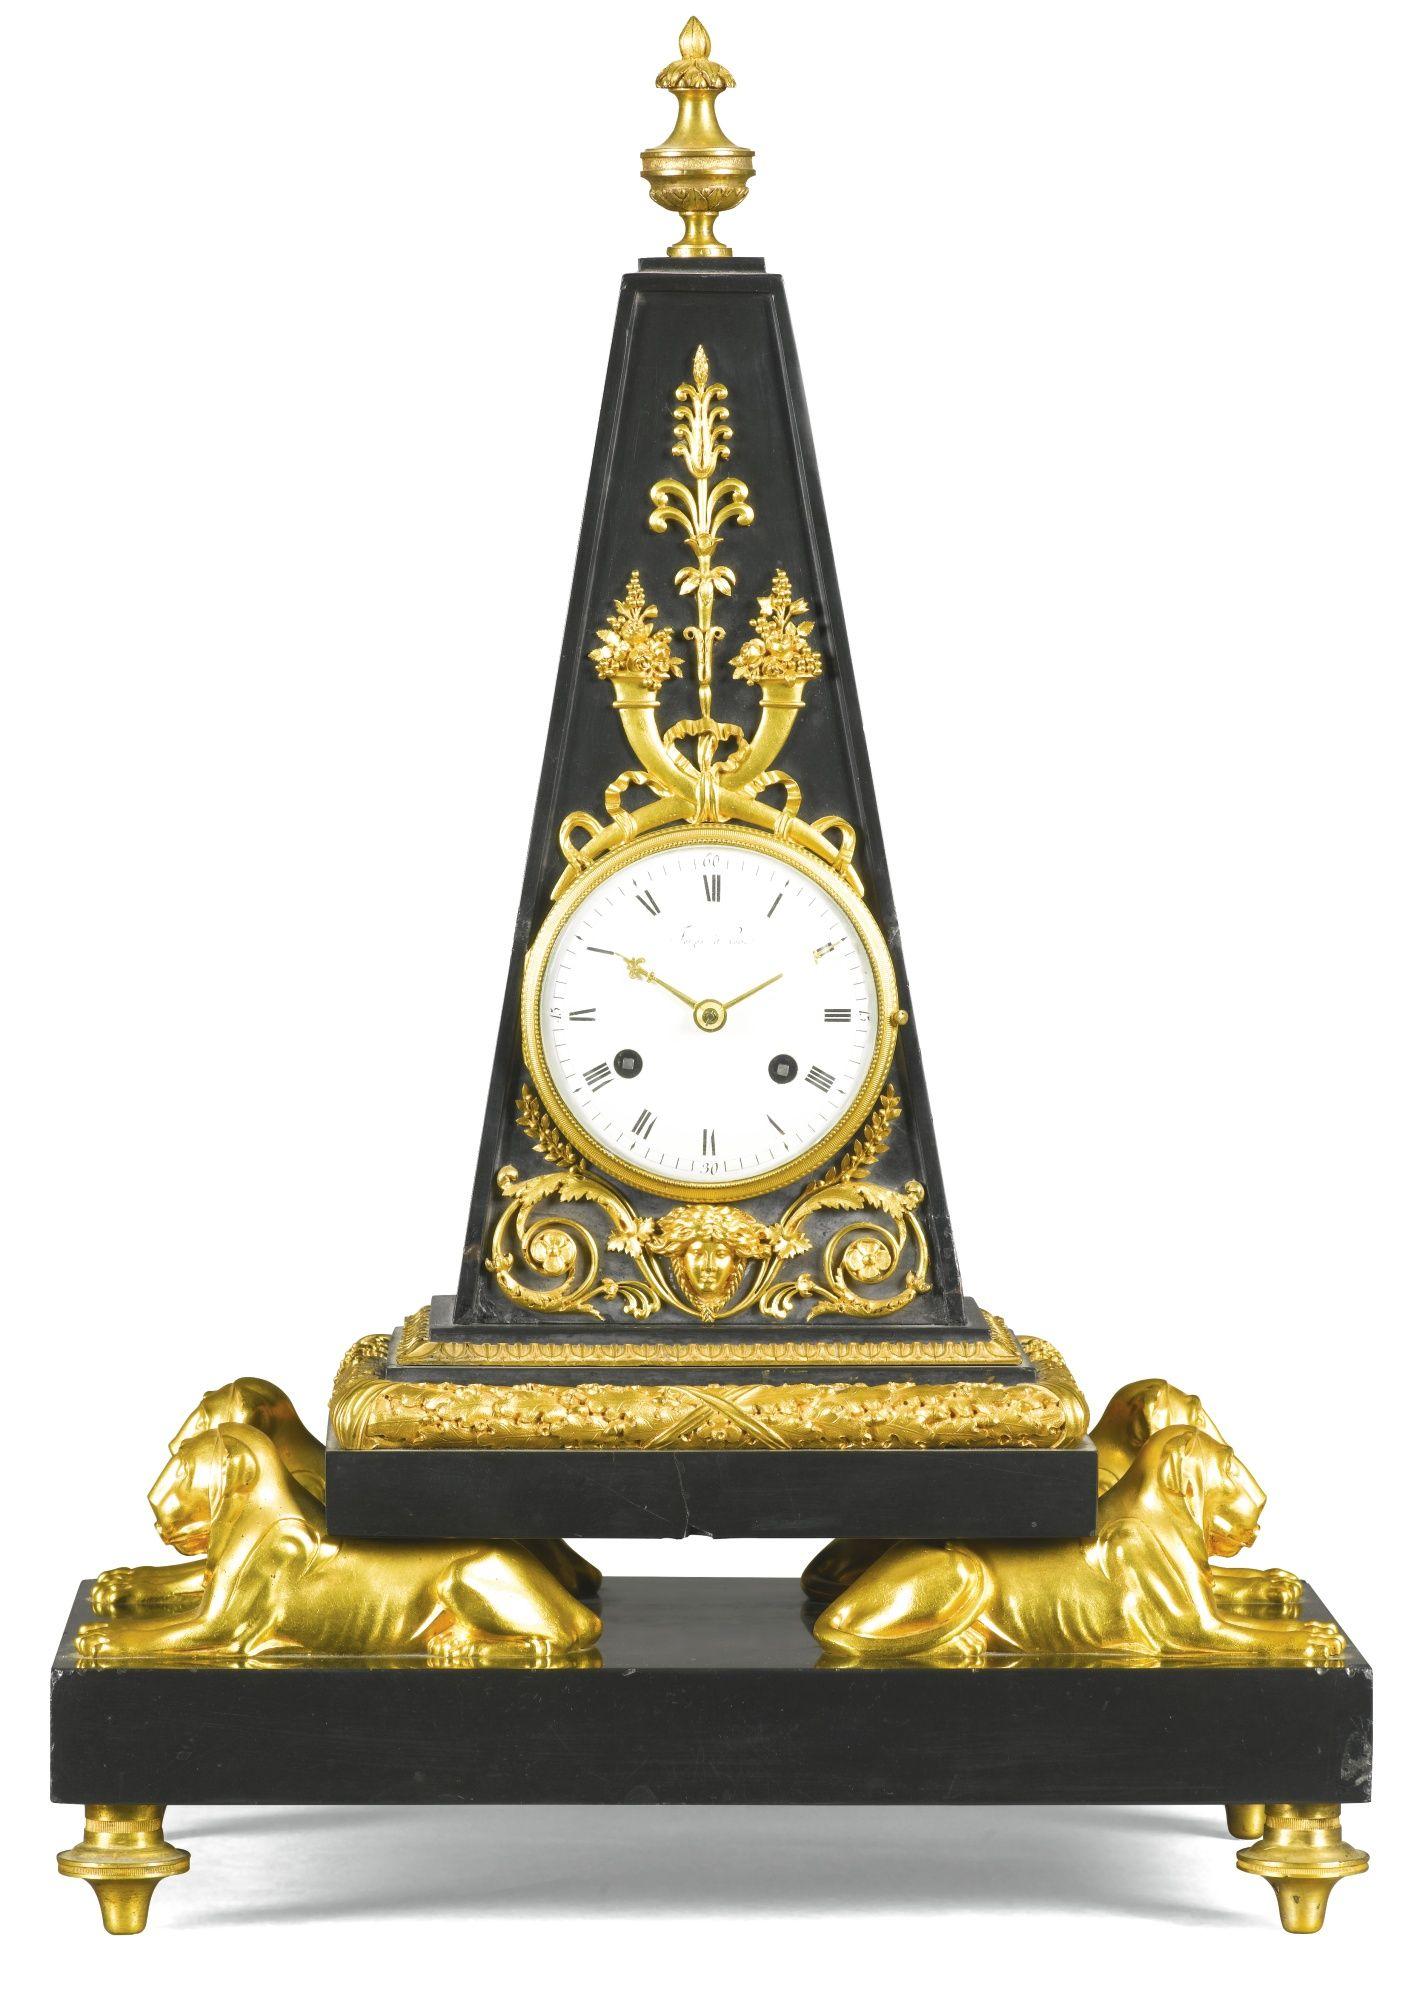 An Empire Black Marble And Gilt Bronze Obelisk Mantel Clock Circa 1810 With 3 Inch Enamel Dial Signed Faizan A Pari Relojes Antiguos Relojes De Pared Reloj